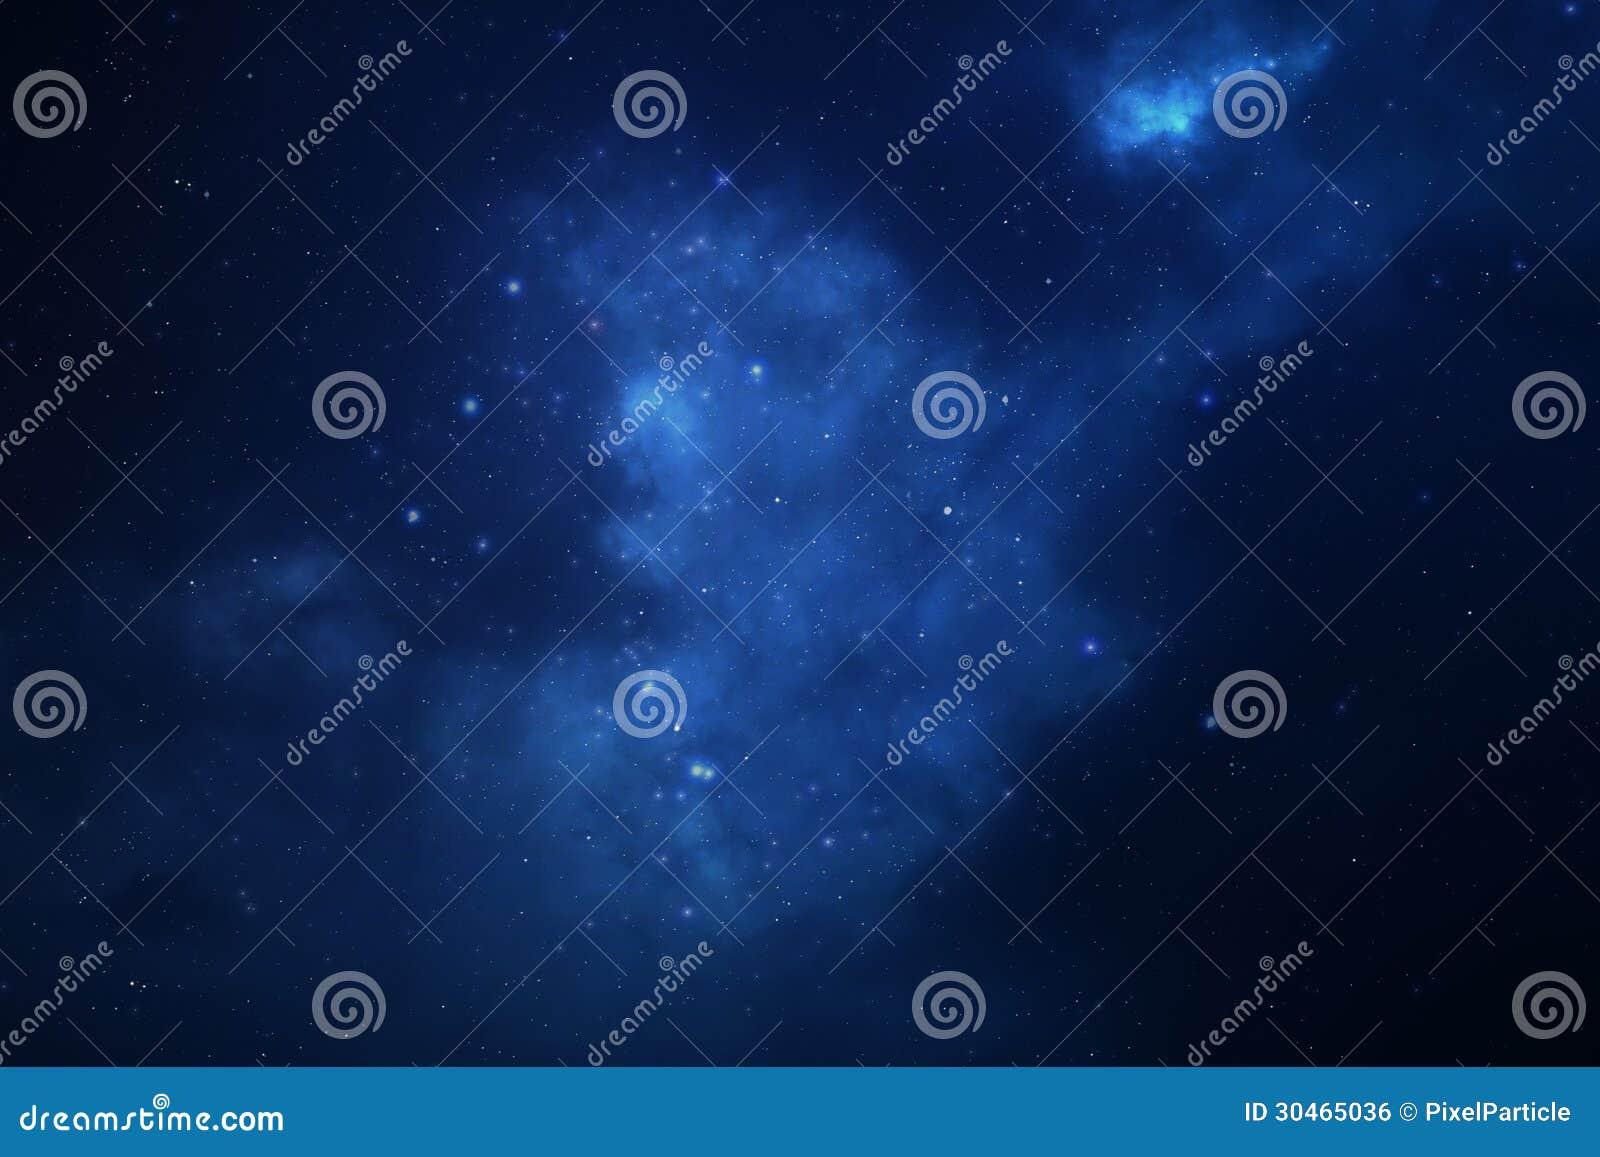 繁星之夜天空空间背景